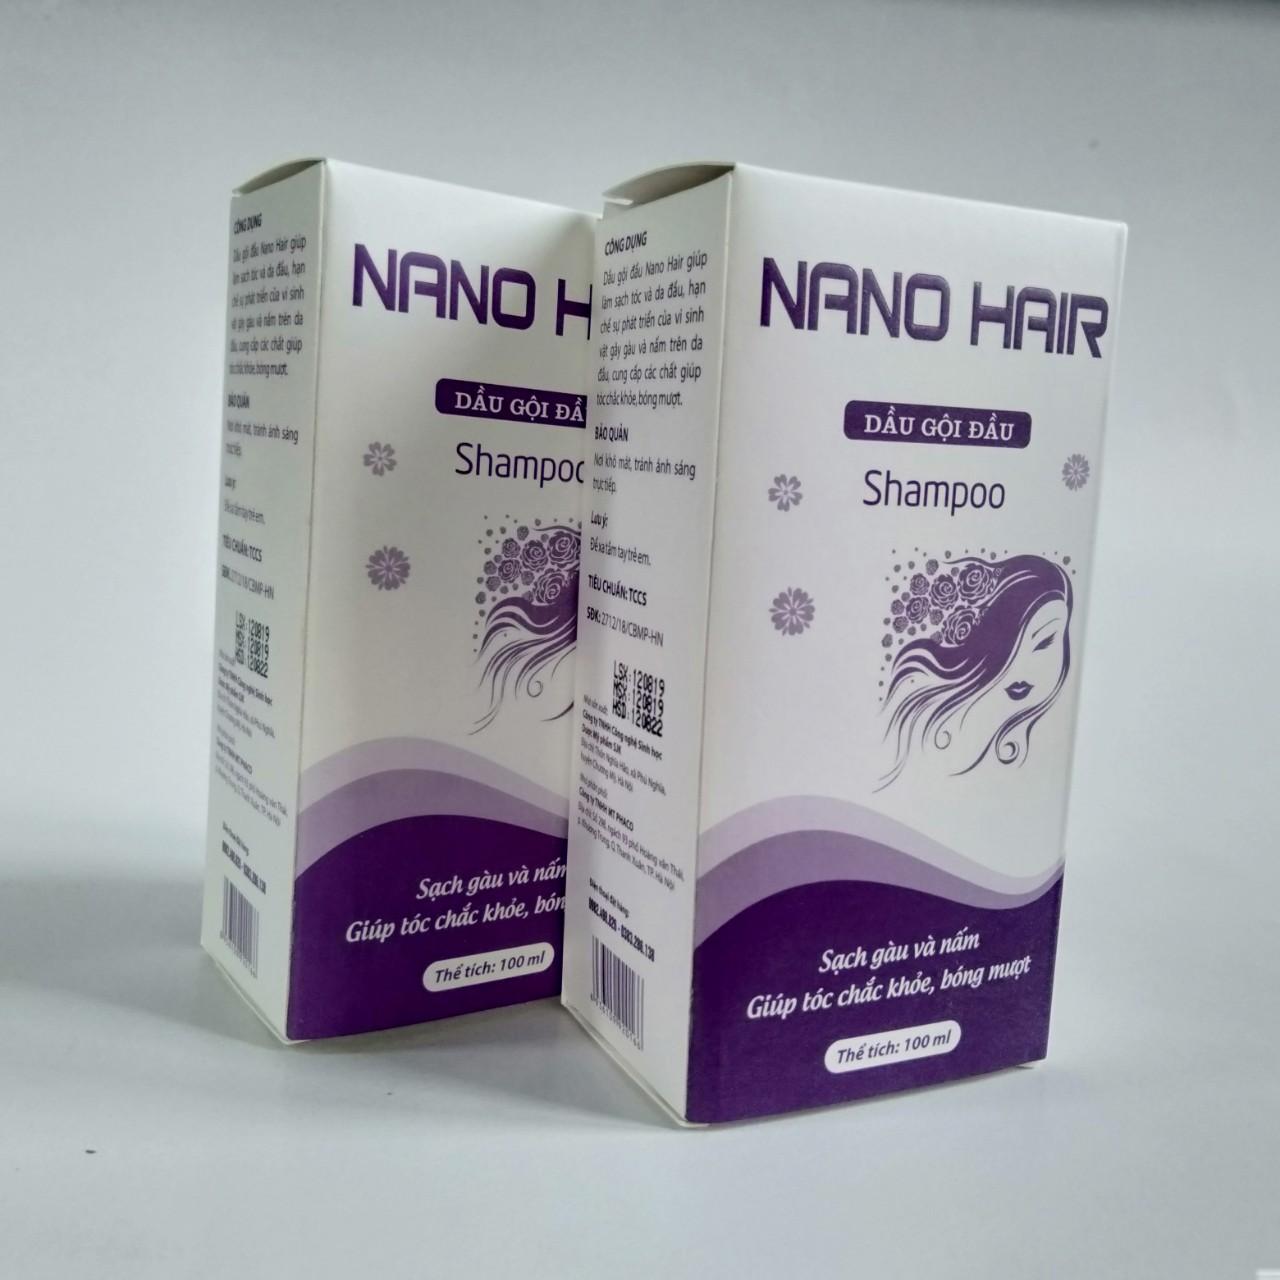 [COMBO 2 HỘP] Dầu gội NGỪA GÀU VÀ NẤM DA ĐẦU NANO HAIR chai 100ml- Hạn chế sự phát triển của vi sinh vật gây gàu và nấm trên da đầu. Cung cấp các chất giúp tóc chắc khỏe